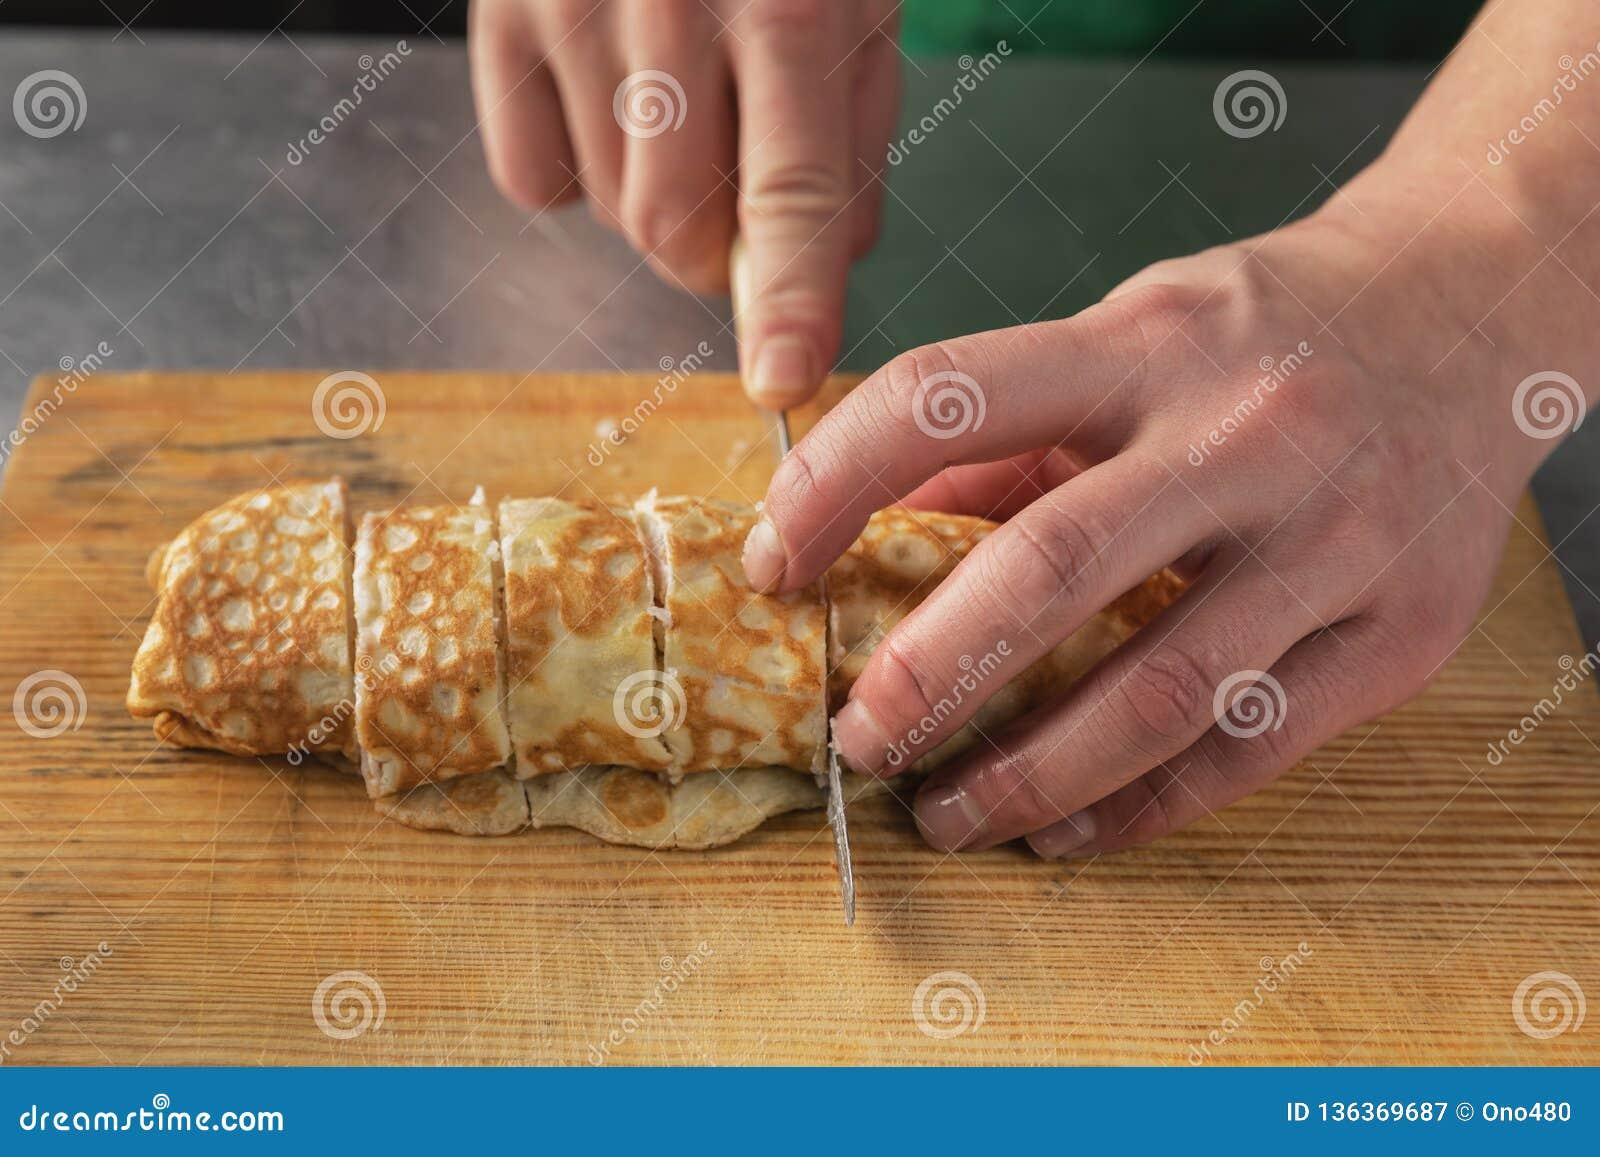 Een mes in zijn hand snijdt een broodje van rijst close-up op een houten raad